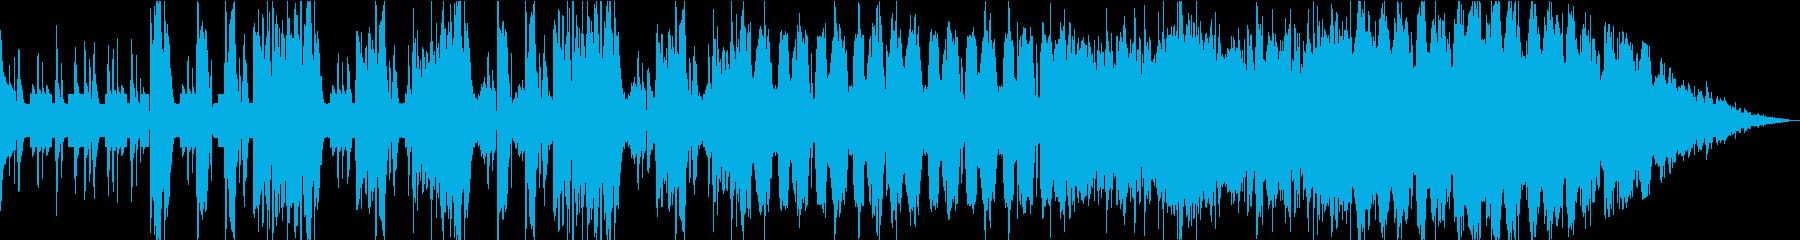 堂々パワフルなテクノの再生済みの波形